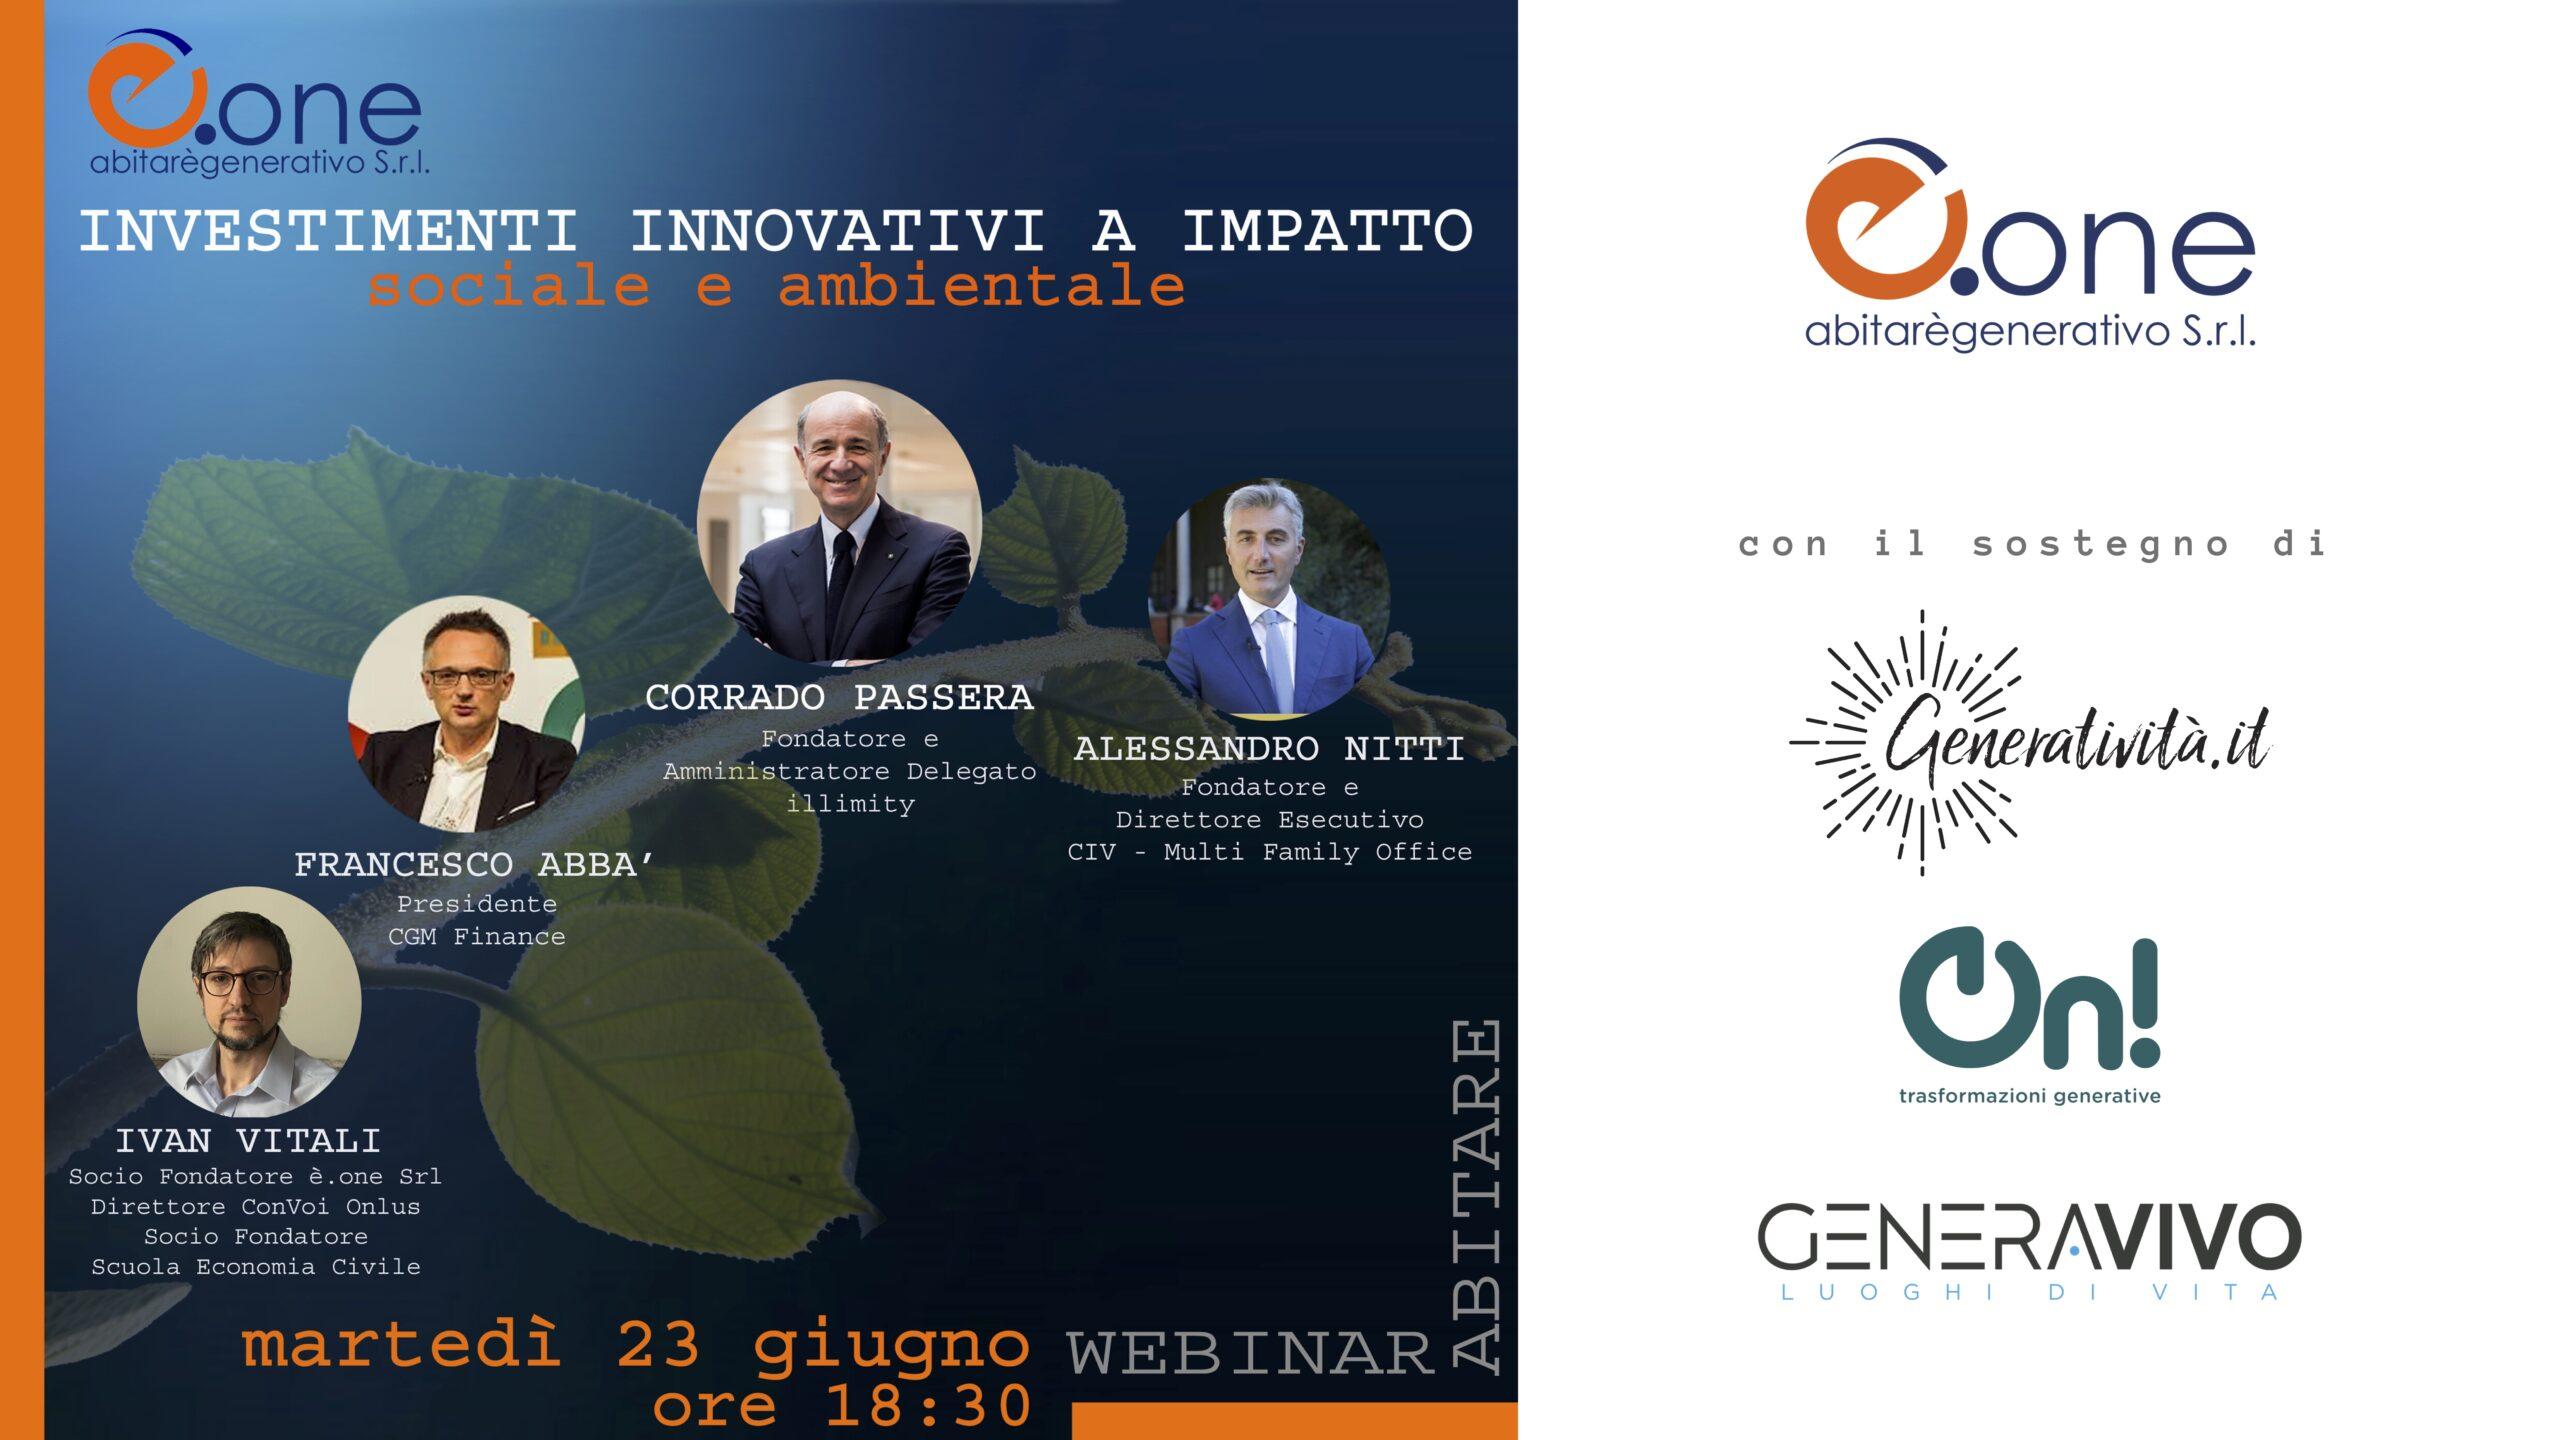 Investimenti innovativi a impatto sociale e ambientale